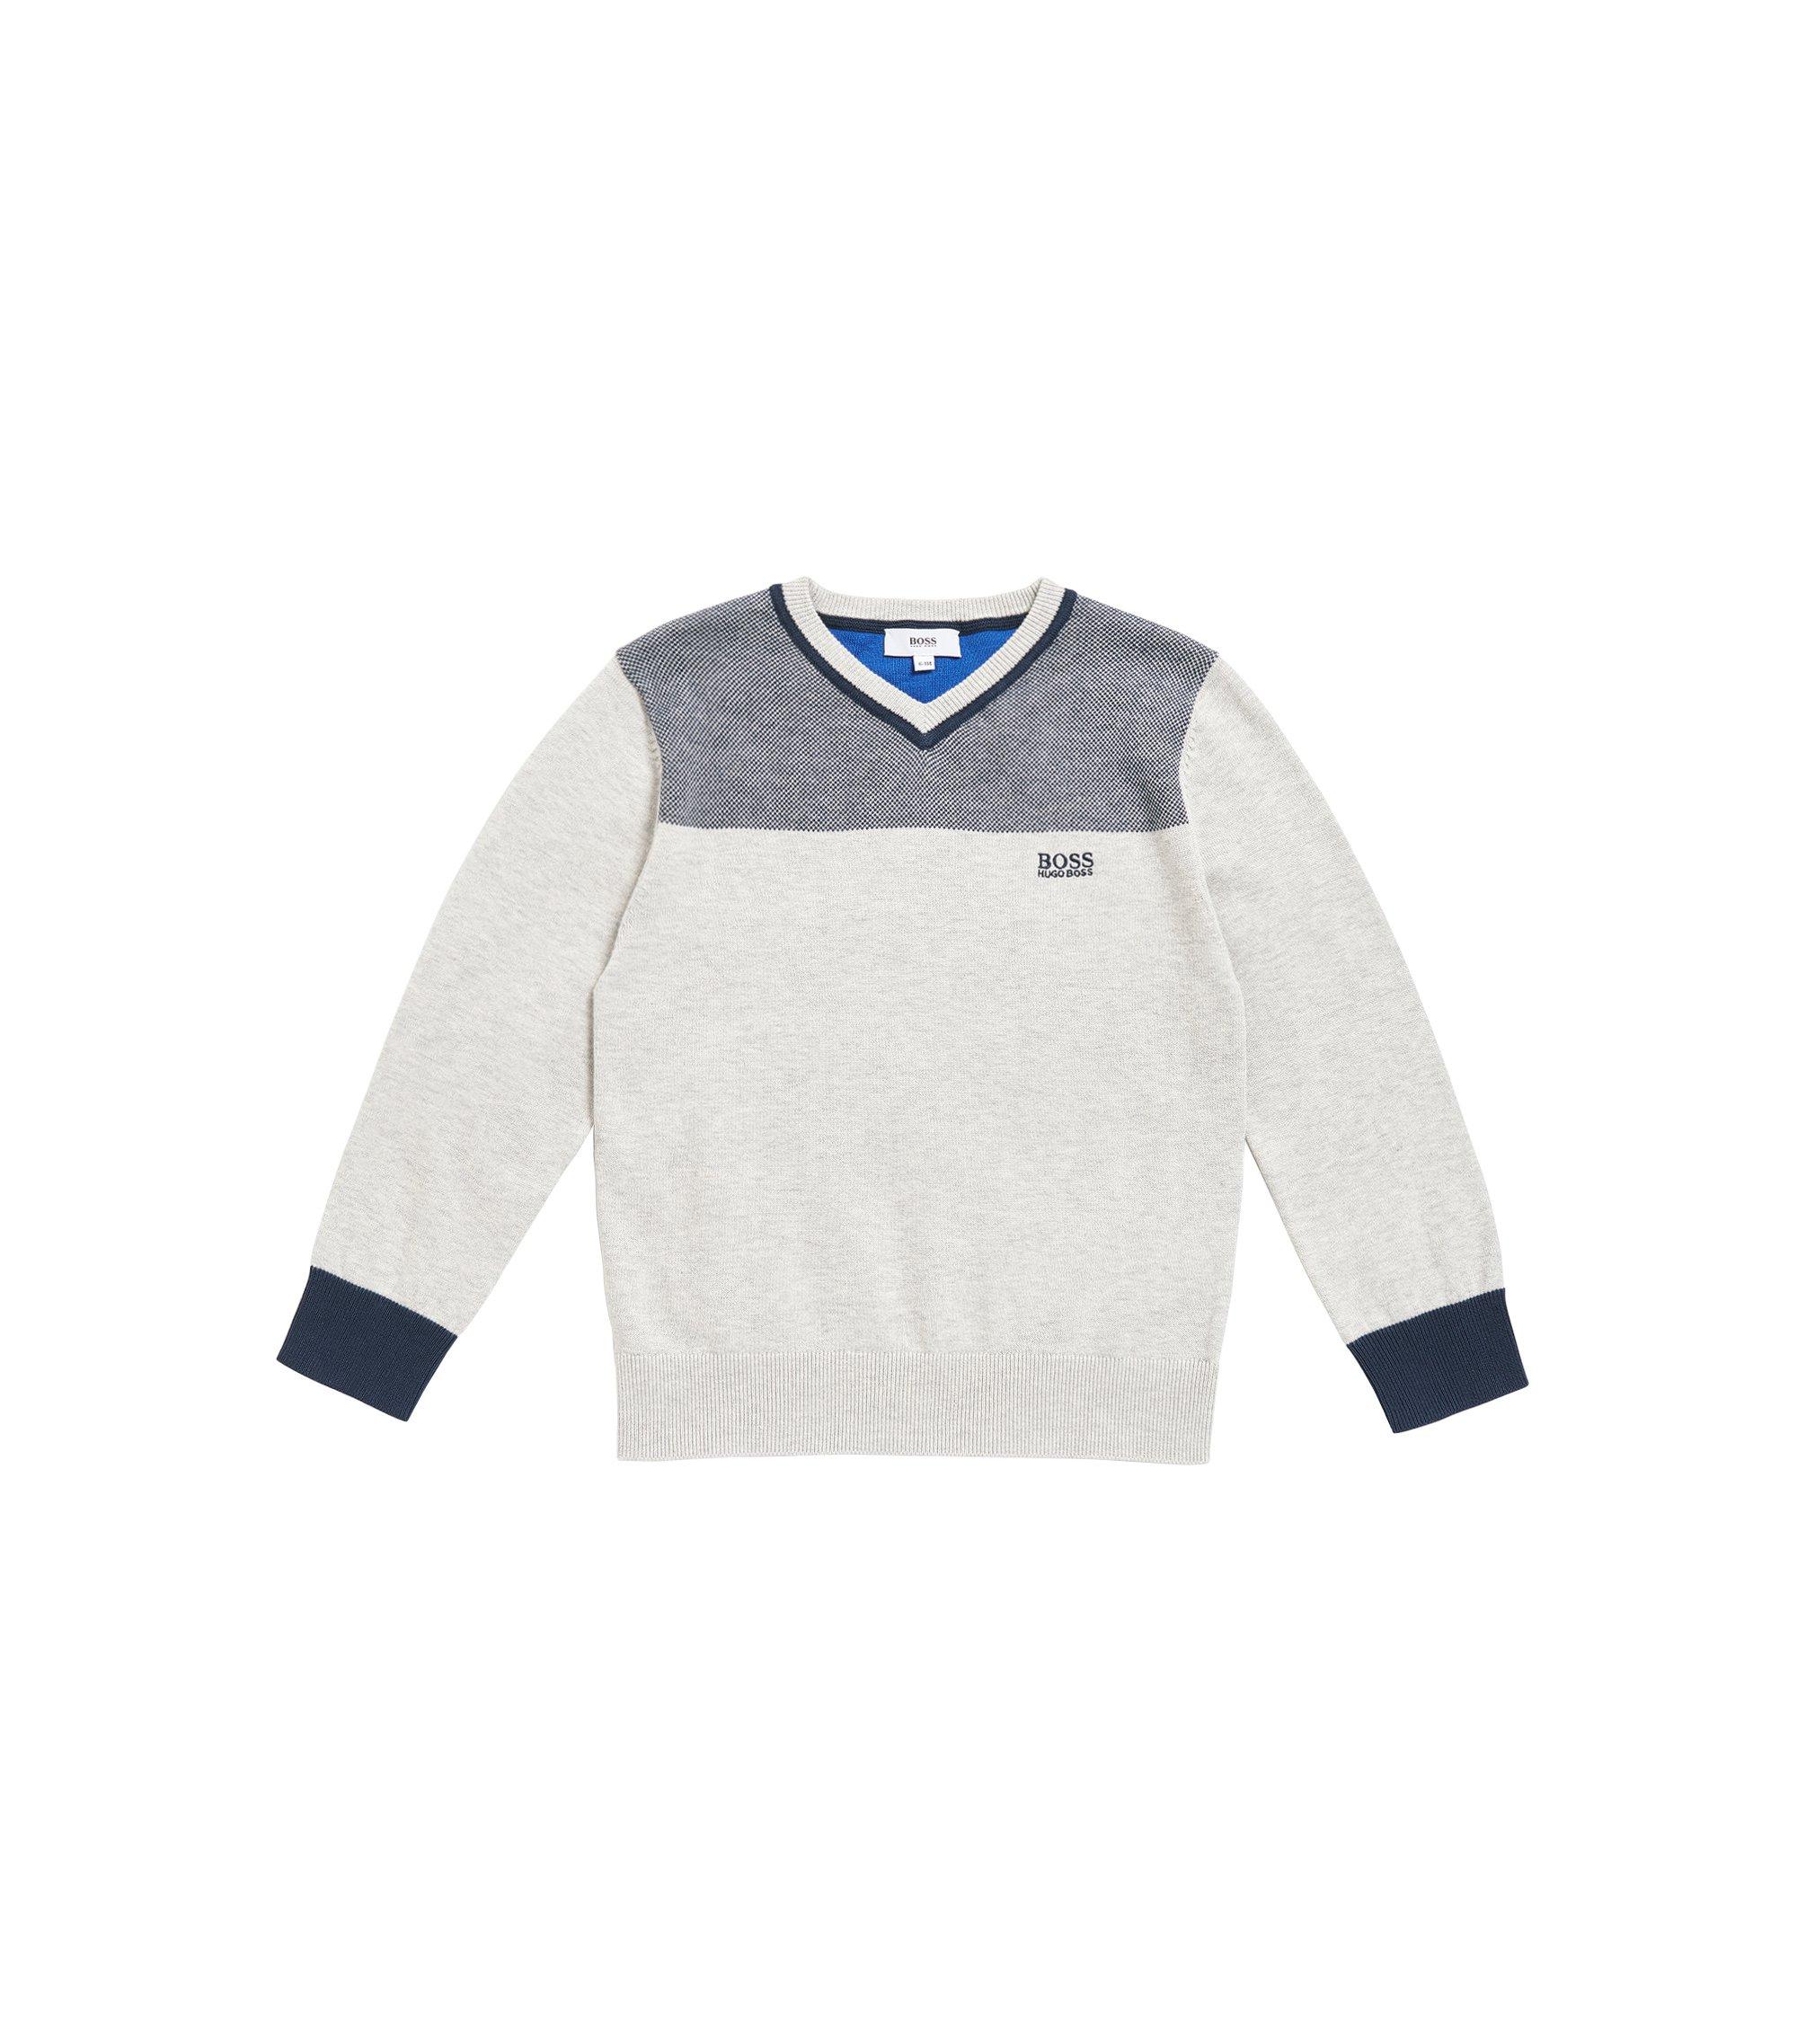 Maglione da bambino con scollo a V in cotone pettinato, Grigio chiaro